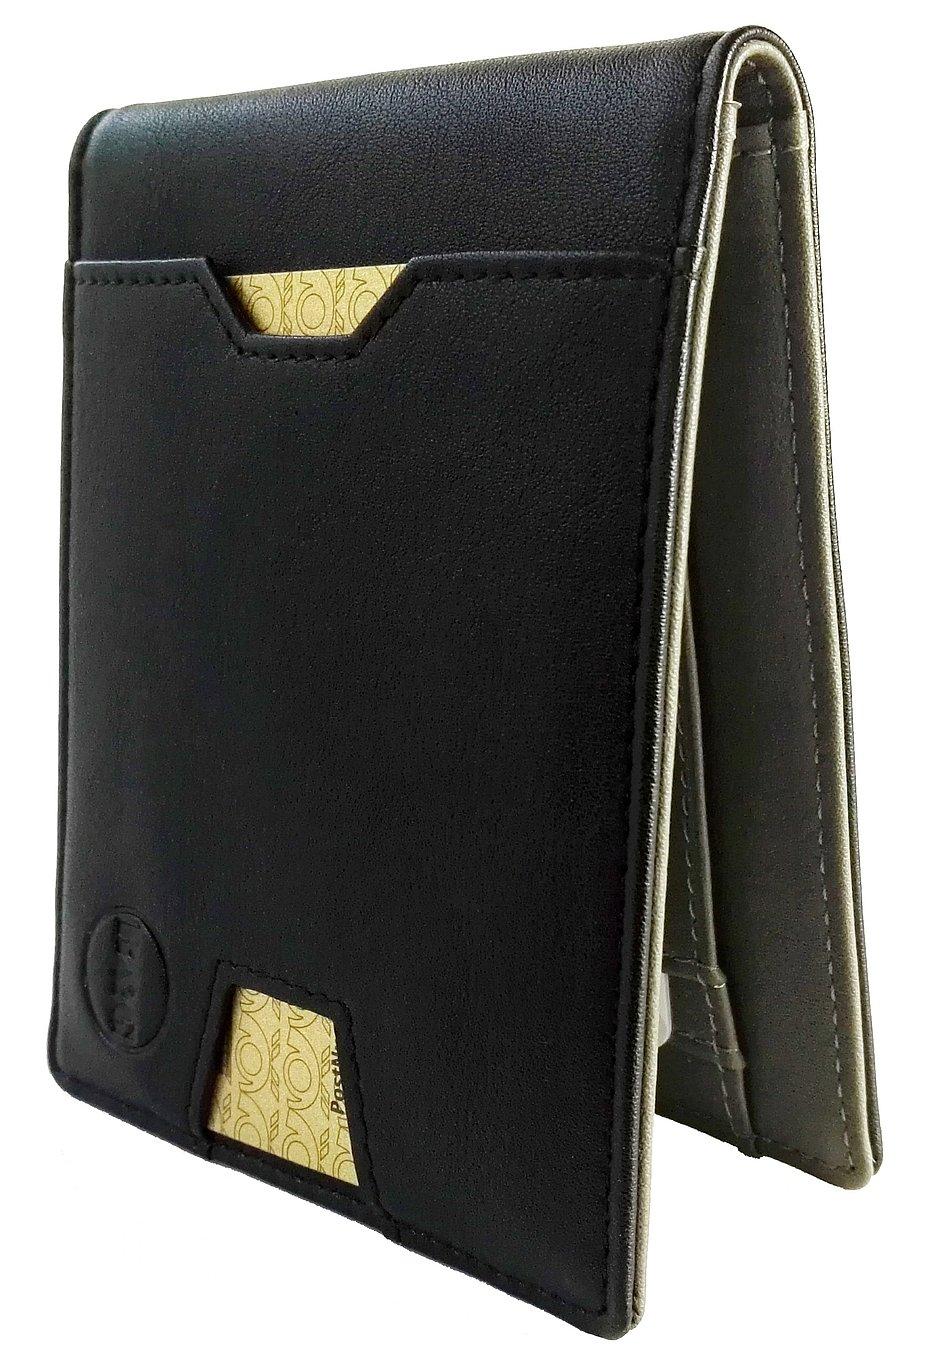 BEAR & GOODIES Ripley, Kreditkartenetui mit Geldklammer und Münzfach plus RFID Schutz, Geldbörse Portmonnaie Kreditkartenhalter Geldspange schmal